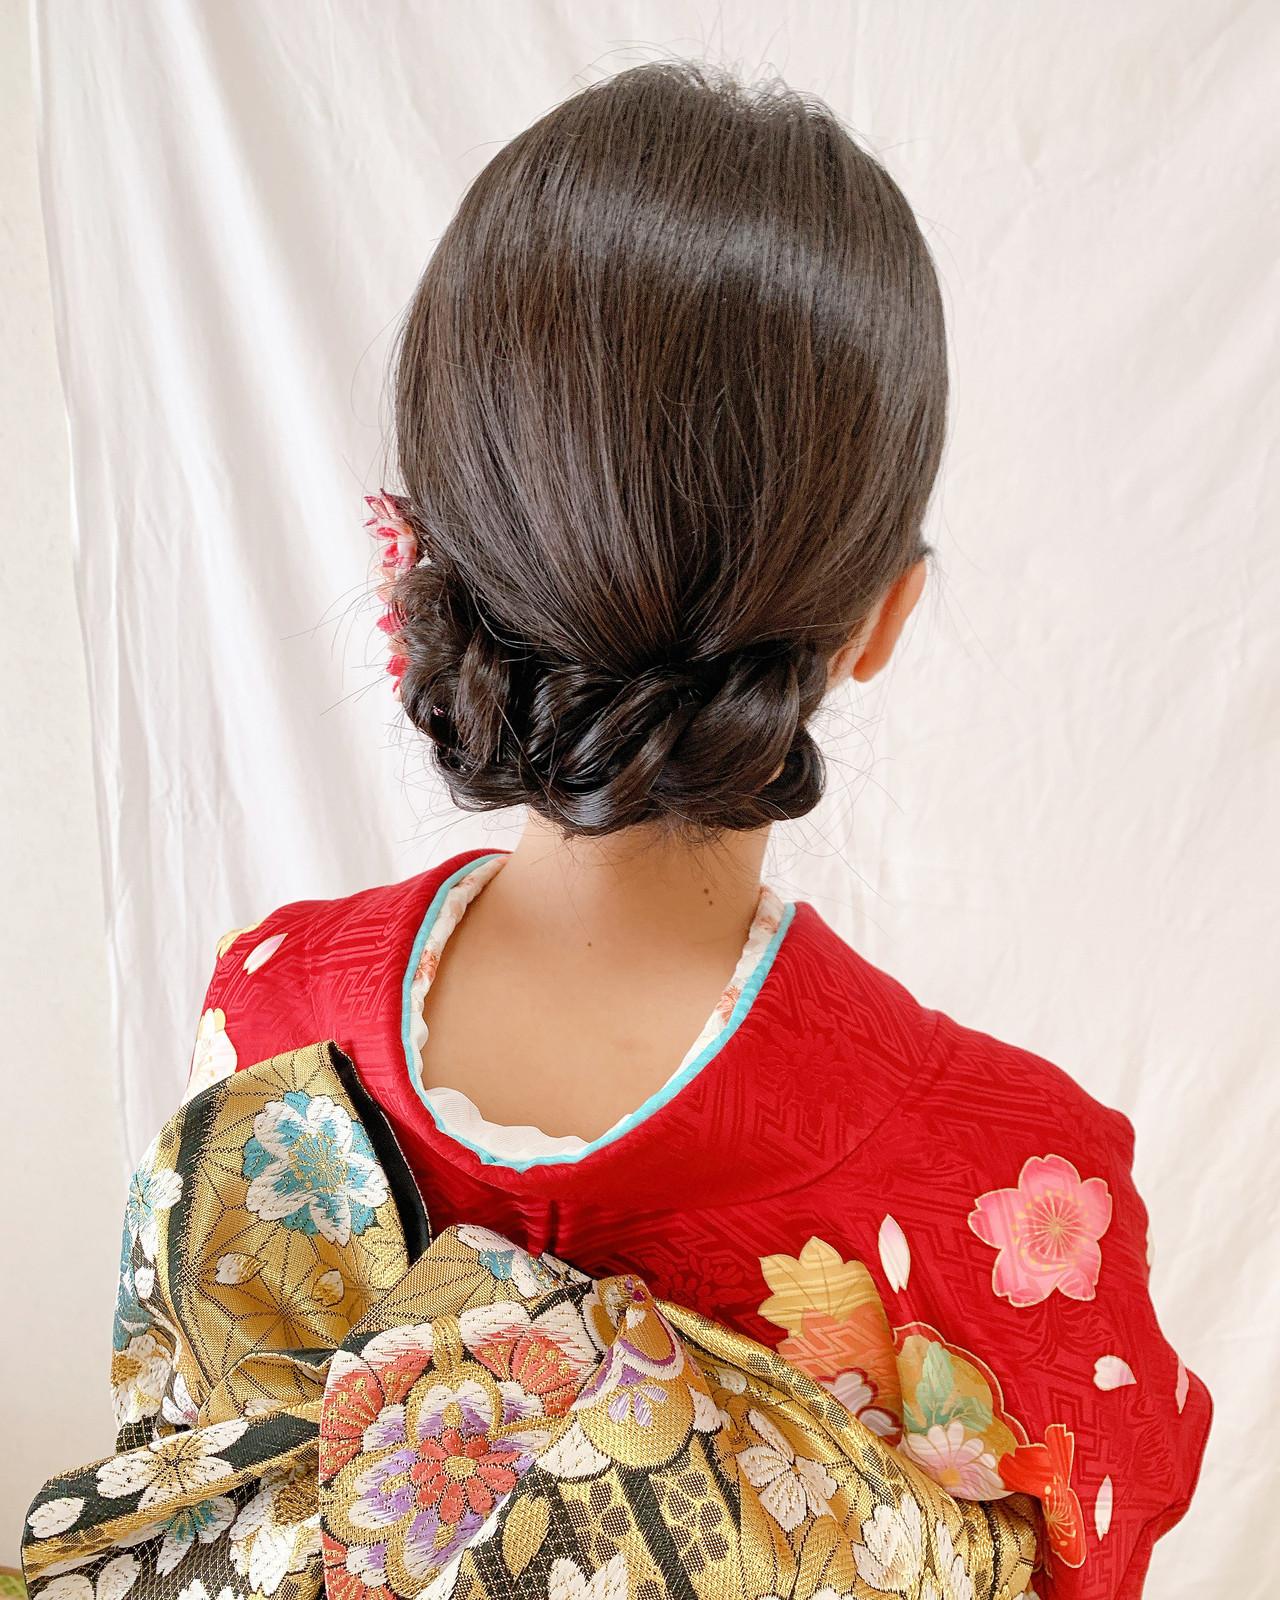 振袖ヘア 着物 和装ヘア エレガント ヘアスタイルや髪型の写真・画像